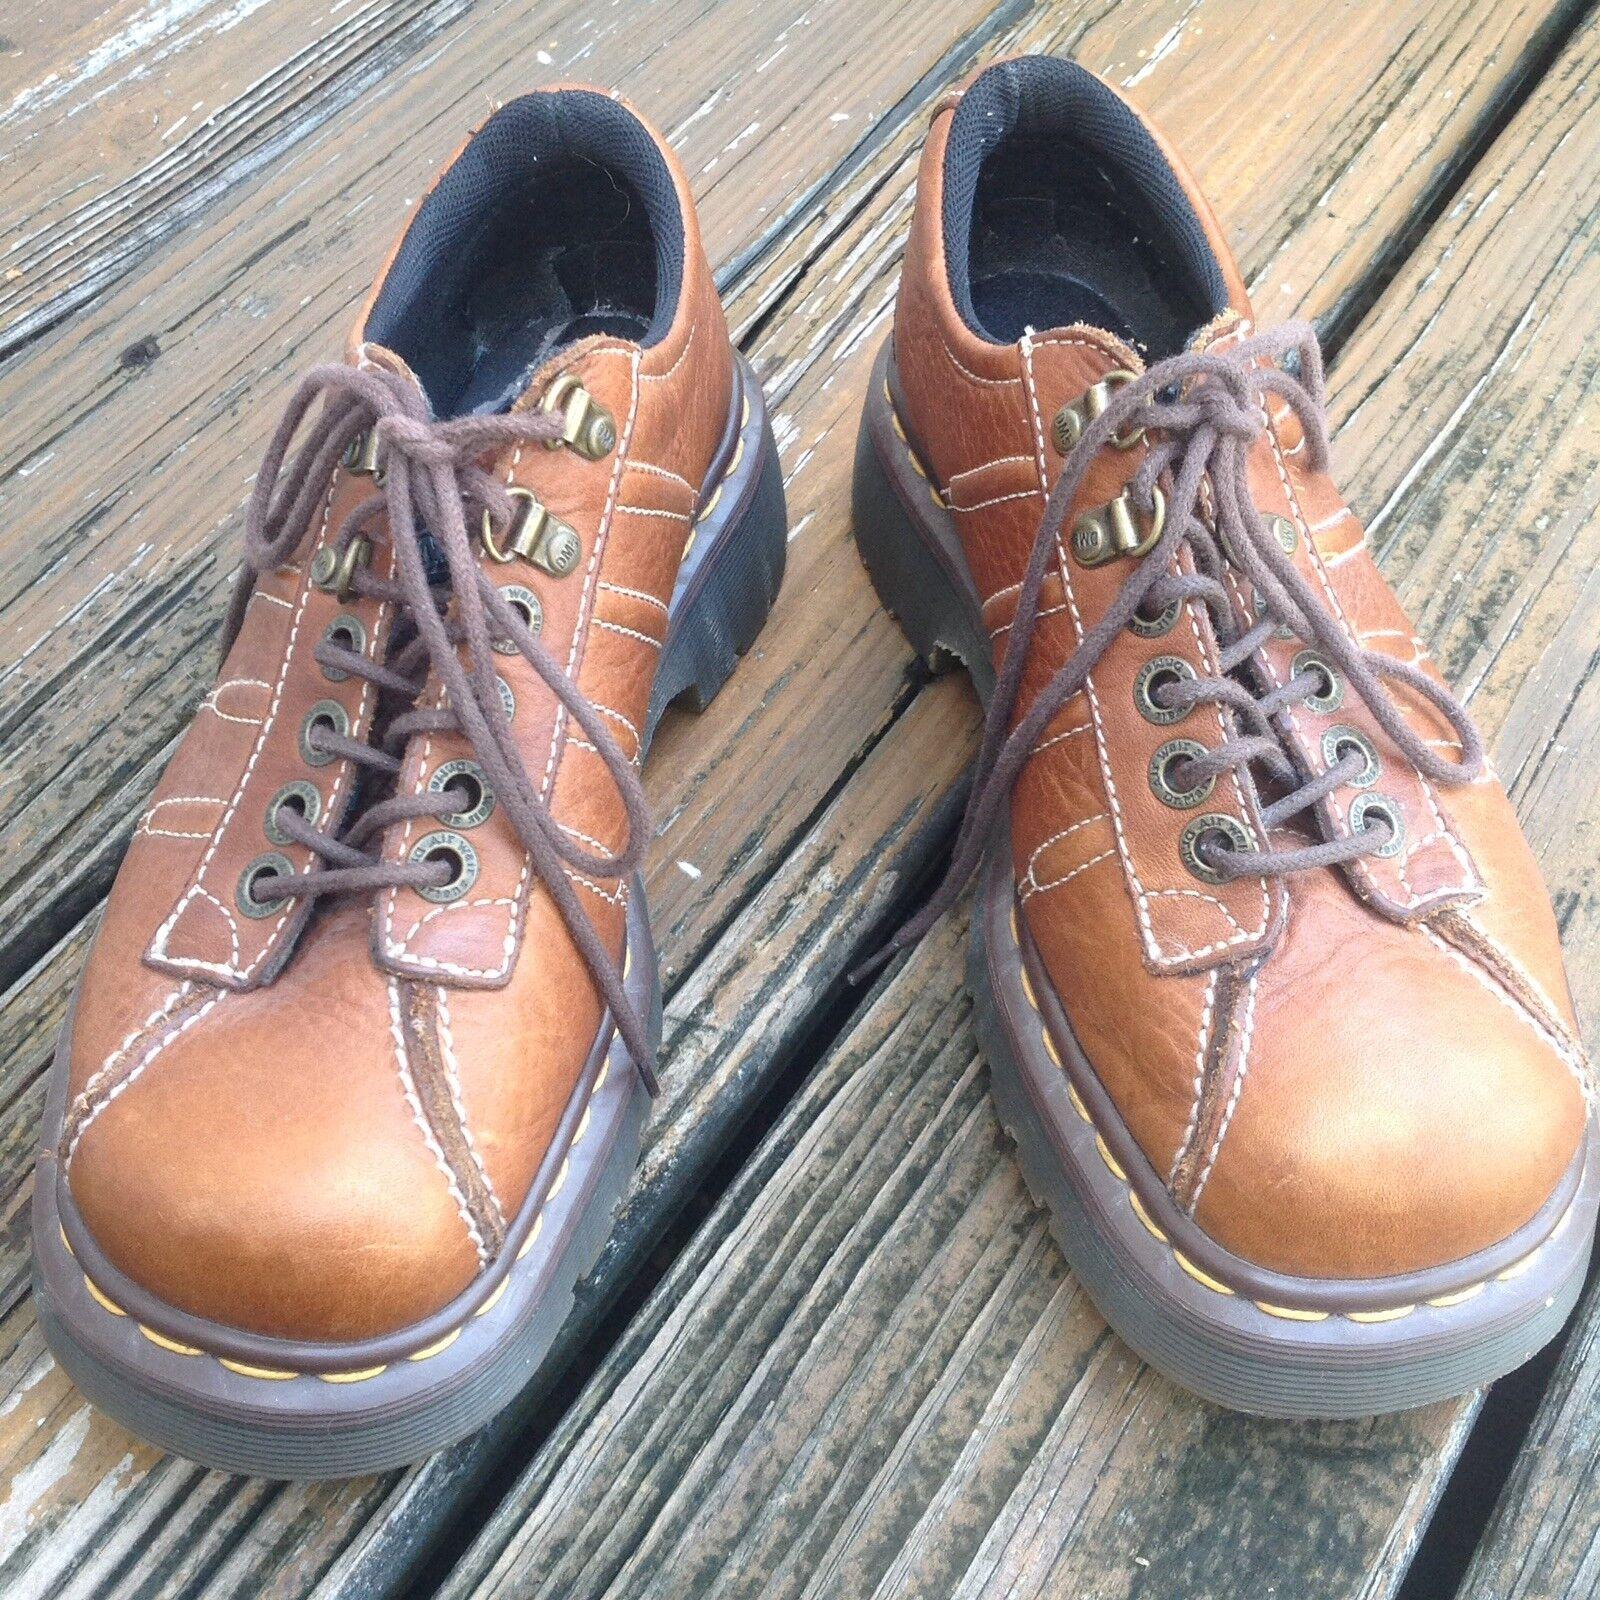 Vintage Dr Martens Docs Oxfords marrón zapatos para hombre hombre hombre 6 mujeres 7 Reino Unido 5 Inglaterra 9764  salida de fábrica